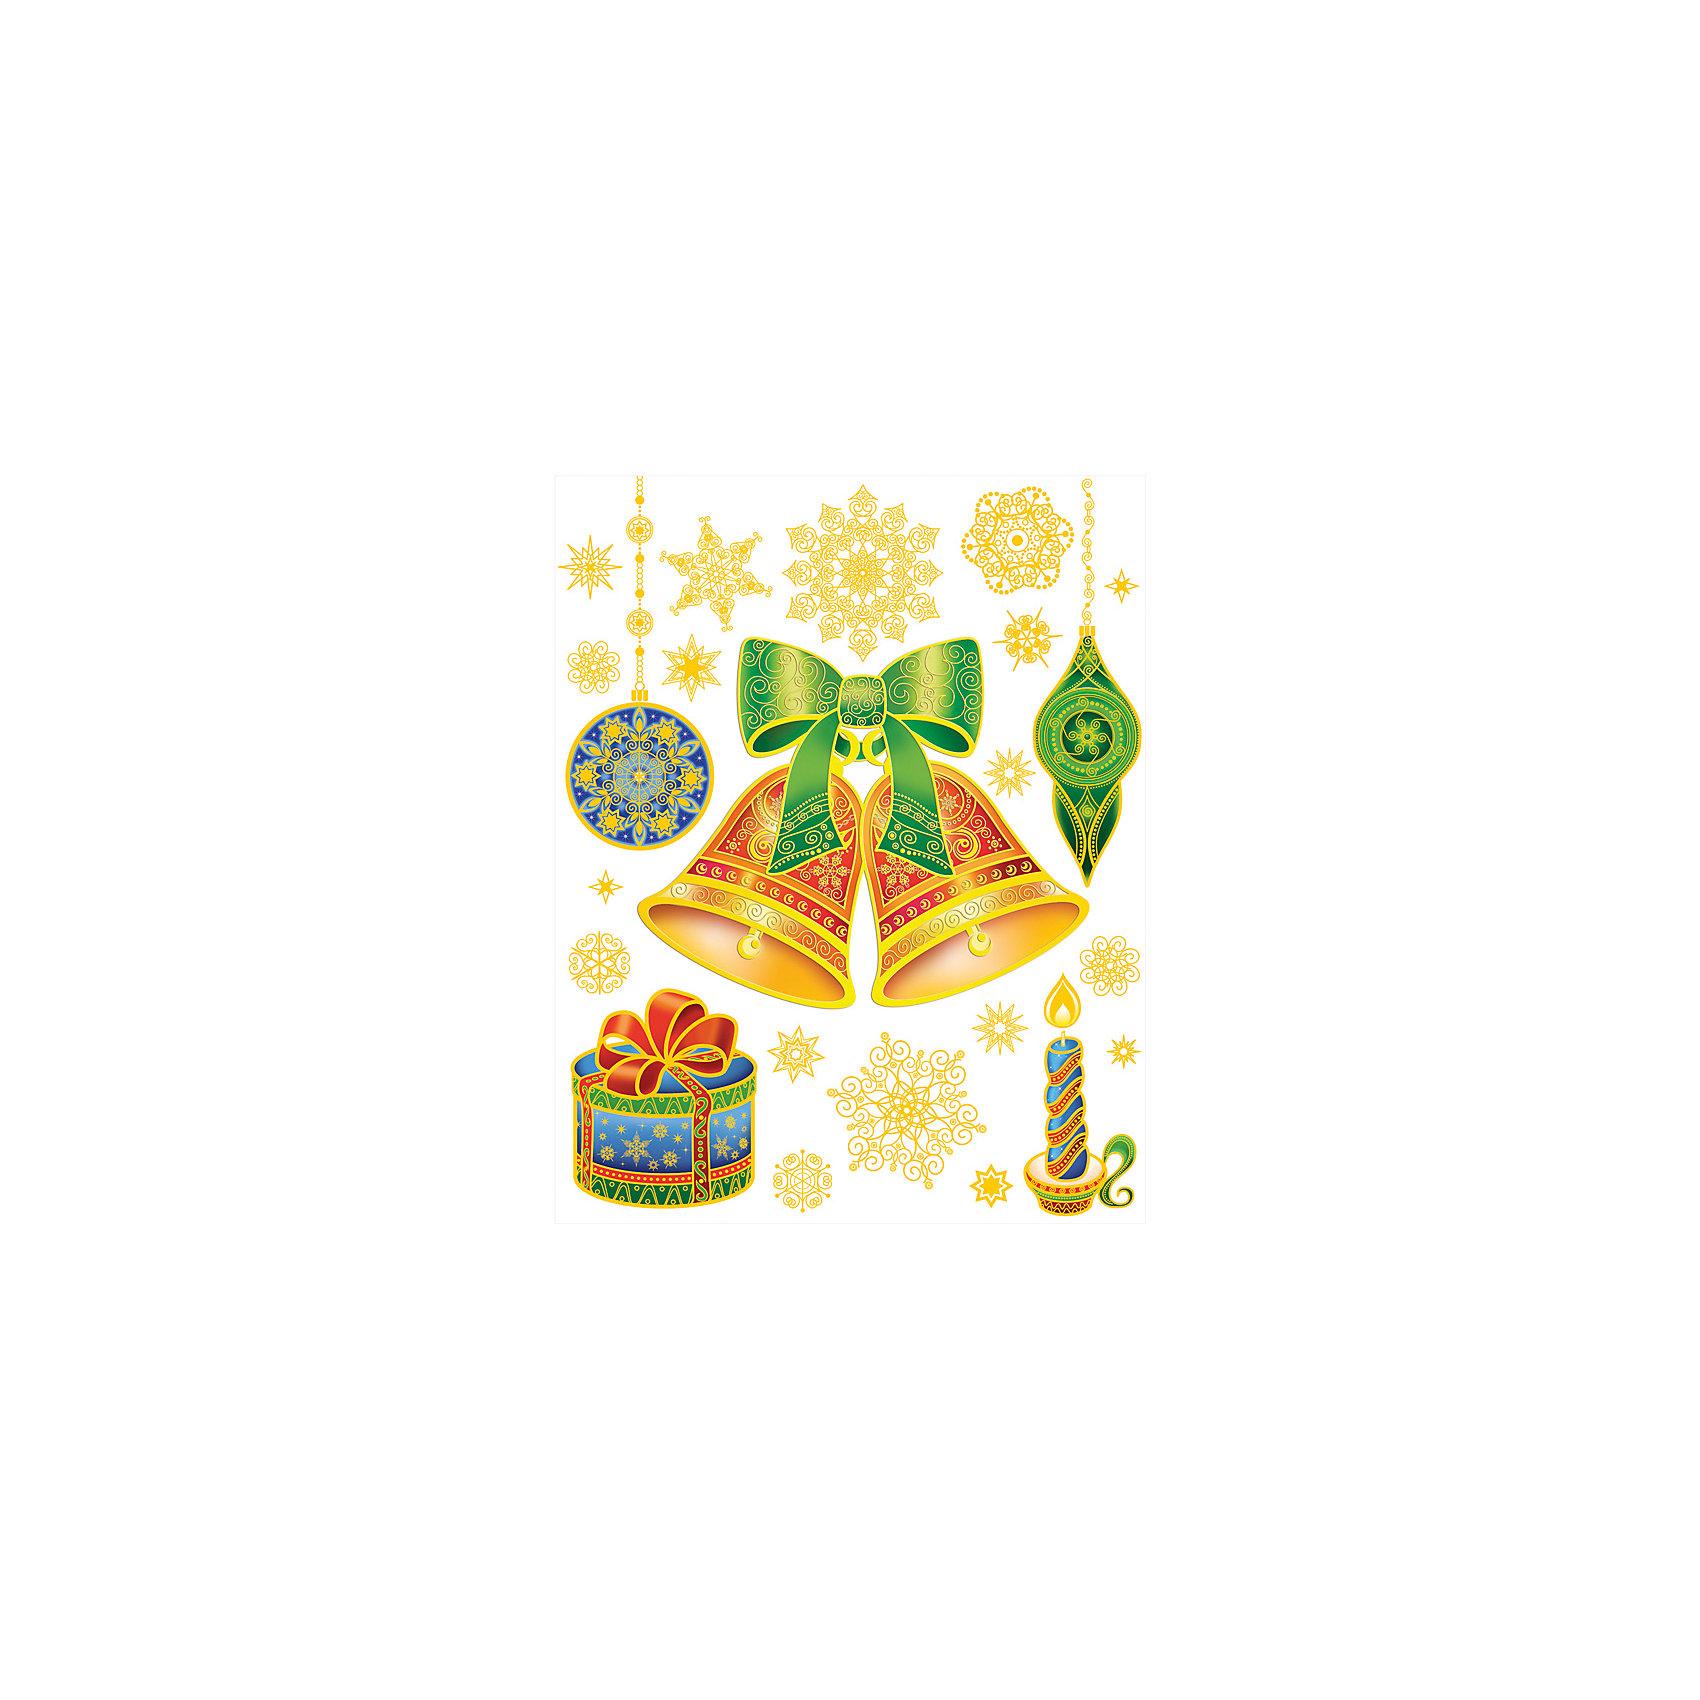 Оконное украшениеВсё для праздника<br>Новогоднее оконное украшение-31277 Елочное украшение из ПВХ пленки, декорировано глиттером; крепится к гладкой поверхности стекла посредством статического эффекта (30*38 см)<br><br>Ширина мм: 300<br>Глубина мм: 380<br>Высота мм: 1<br>Вес г: 74<br>Возраст от месяцев: 60<br>Возраст до месяцев: 600<br>Пол: Унисекс<br>Возраст: Детский<br>SKU: 5144643